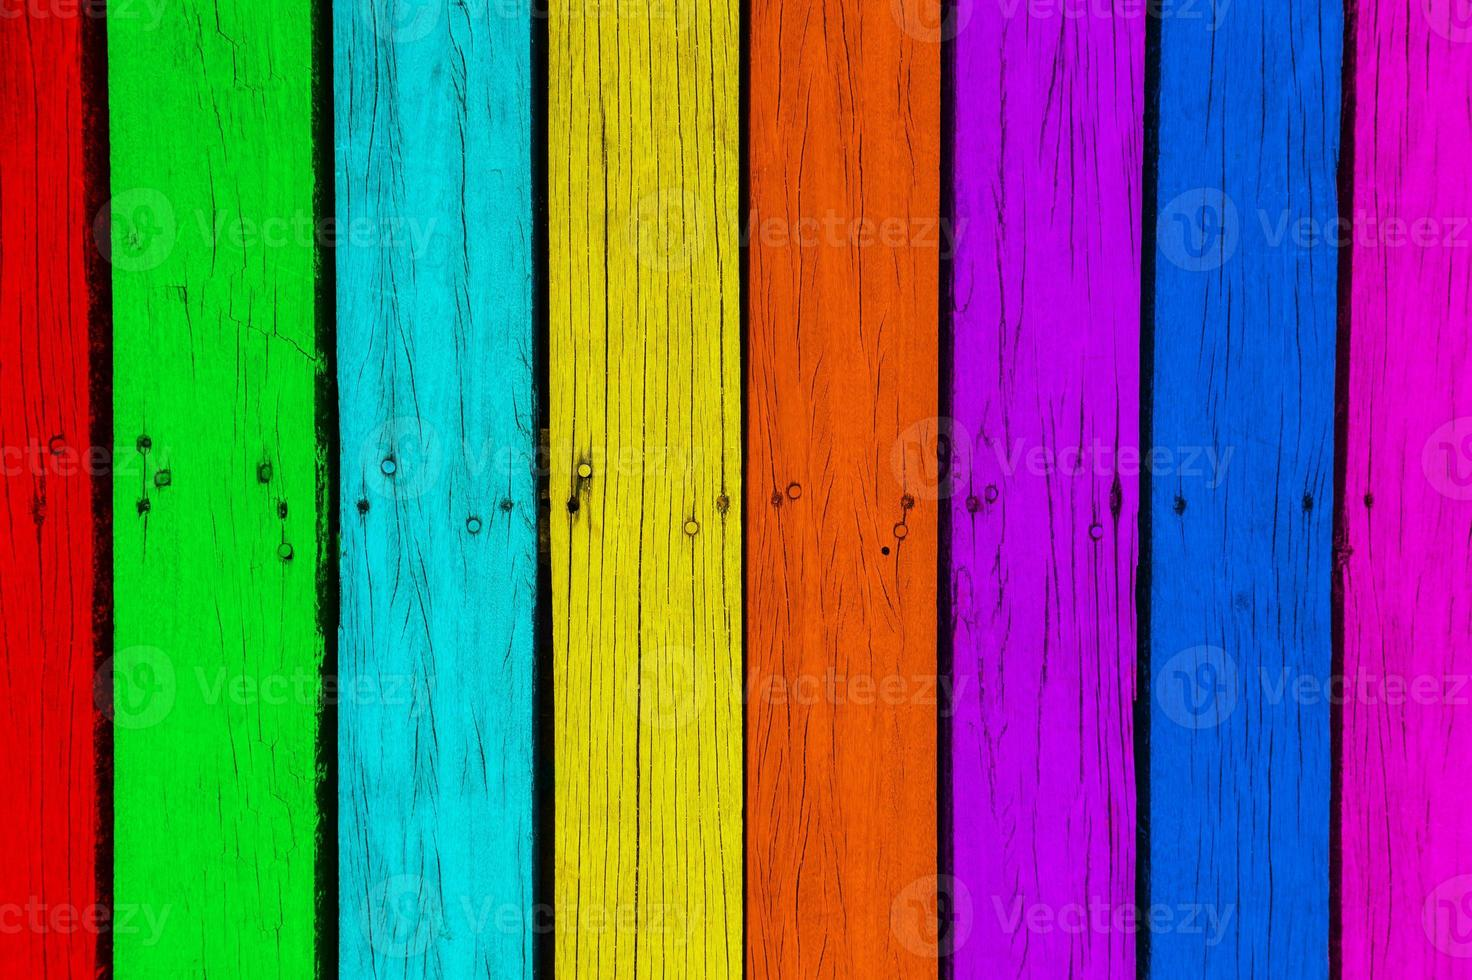 die Farbe Holz Textur, natürliche Muster Hintergrund foto